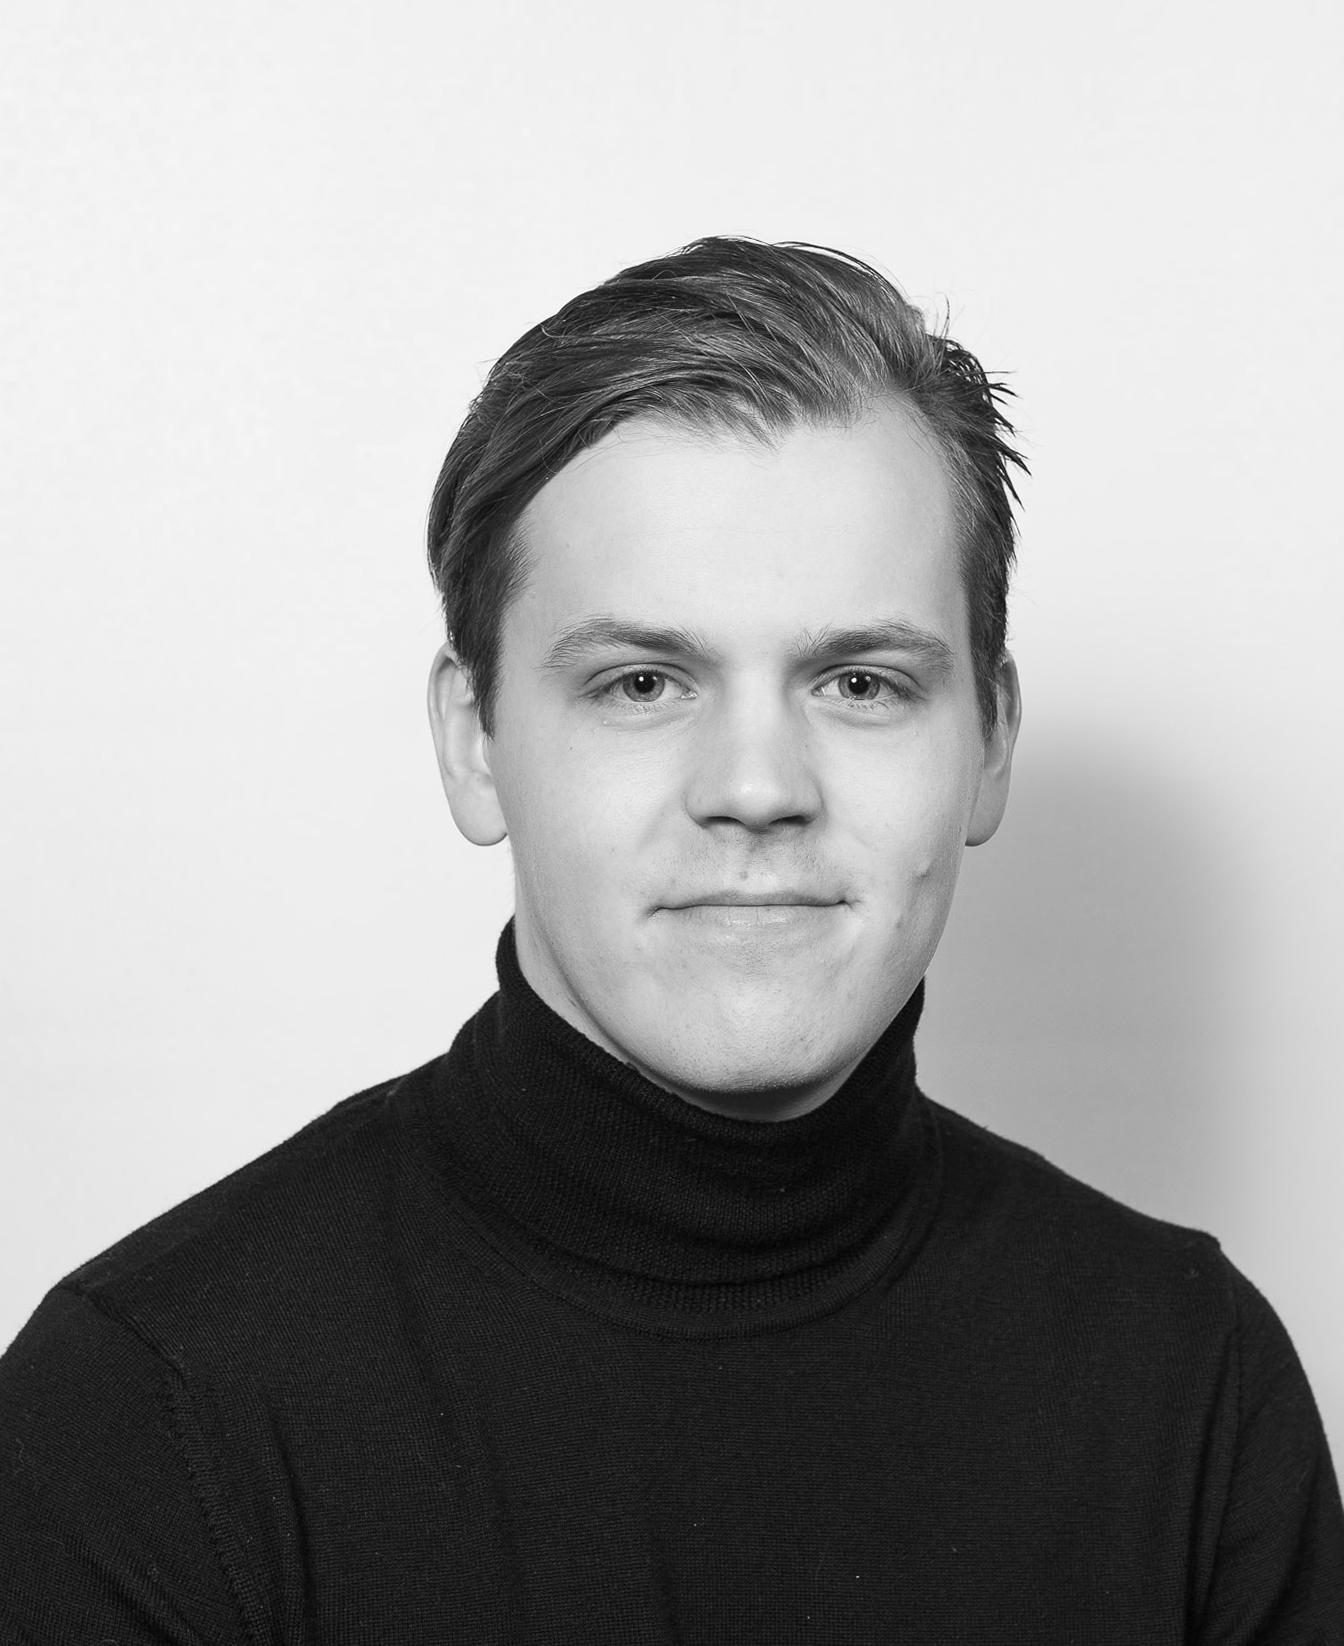 Greenstep (fi) - Mikael Vihriälä